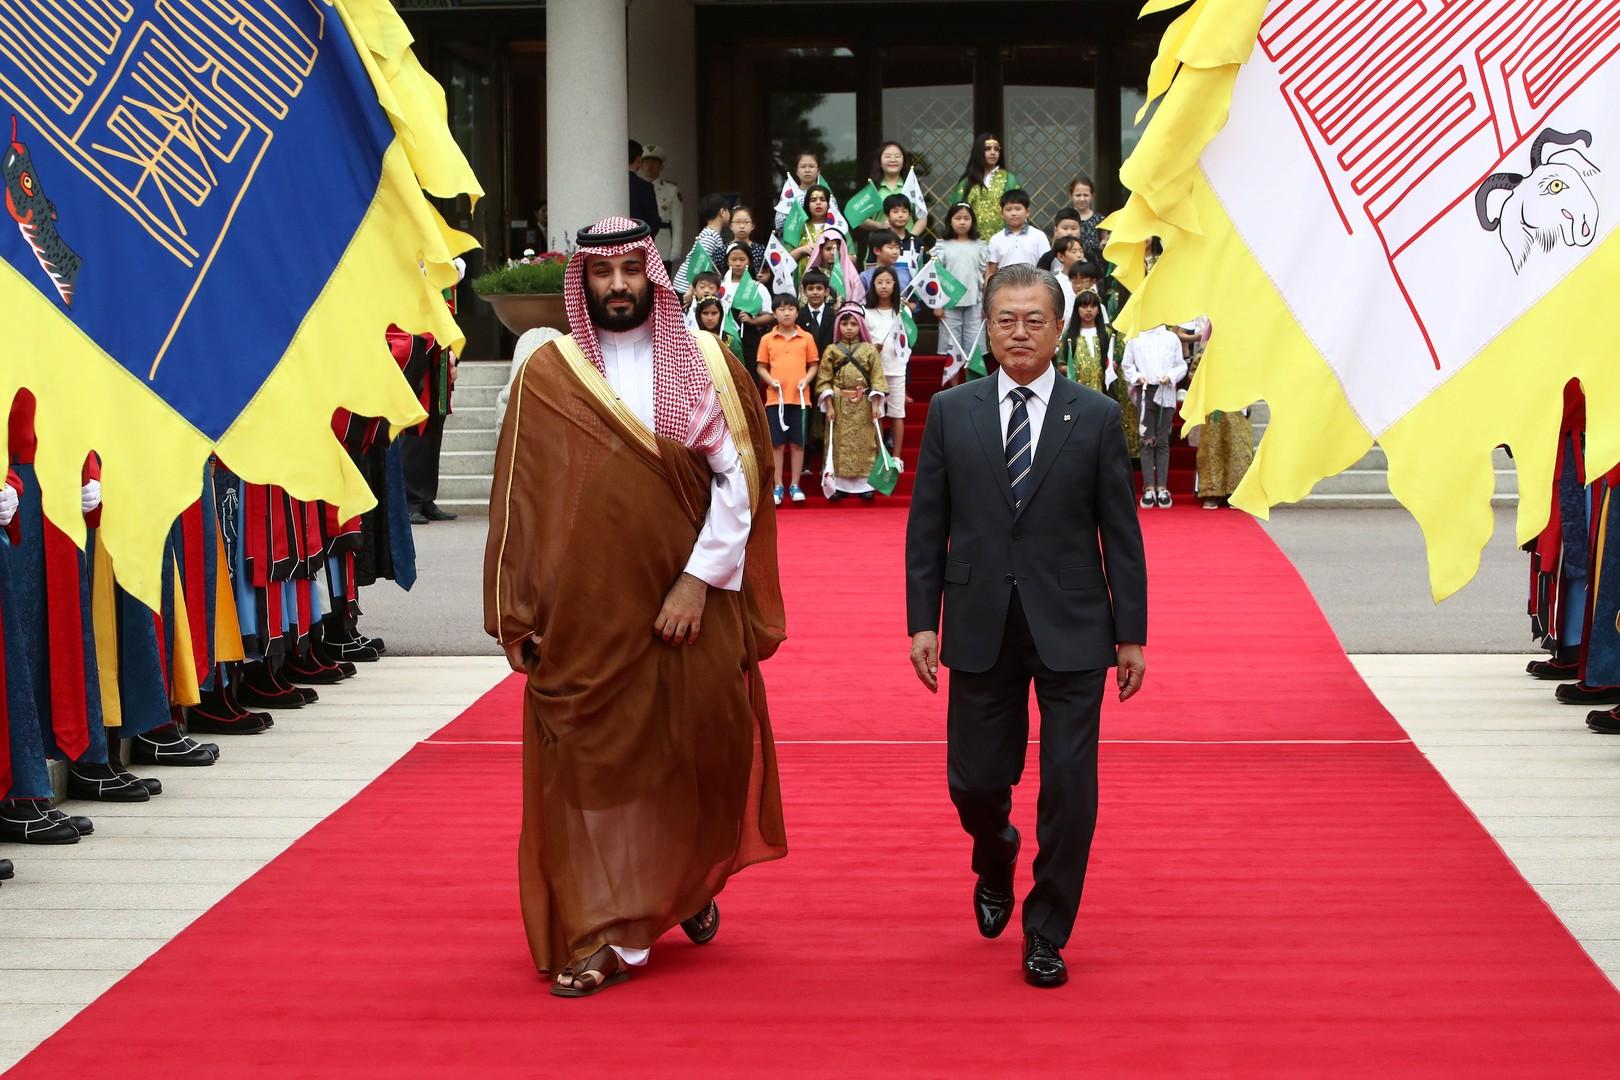 الرياض وسيئول توقعان عقودا مليارية على هامش زيارة بن سلمان